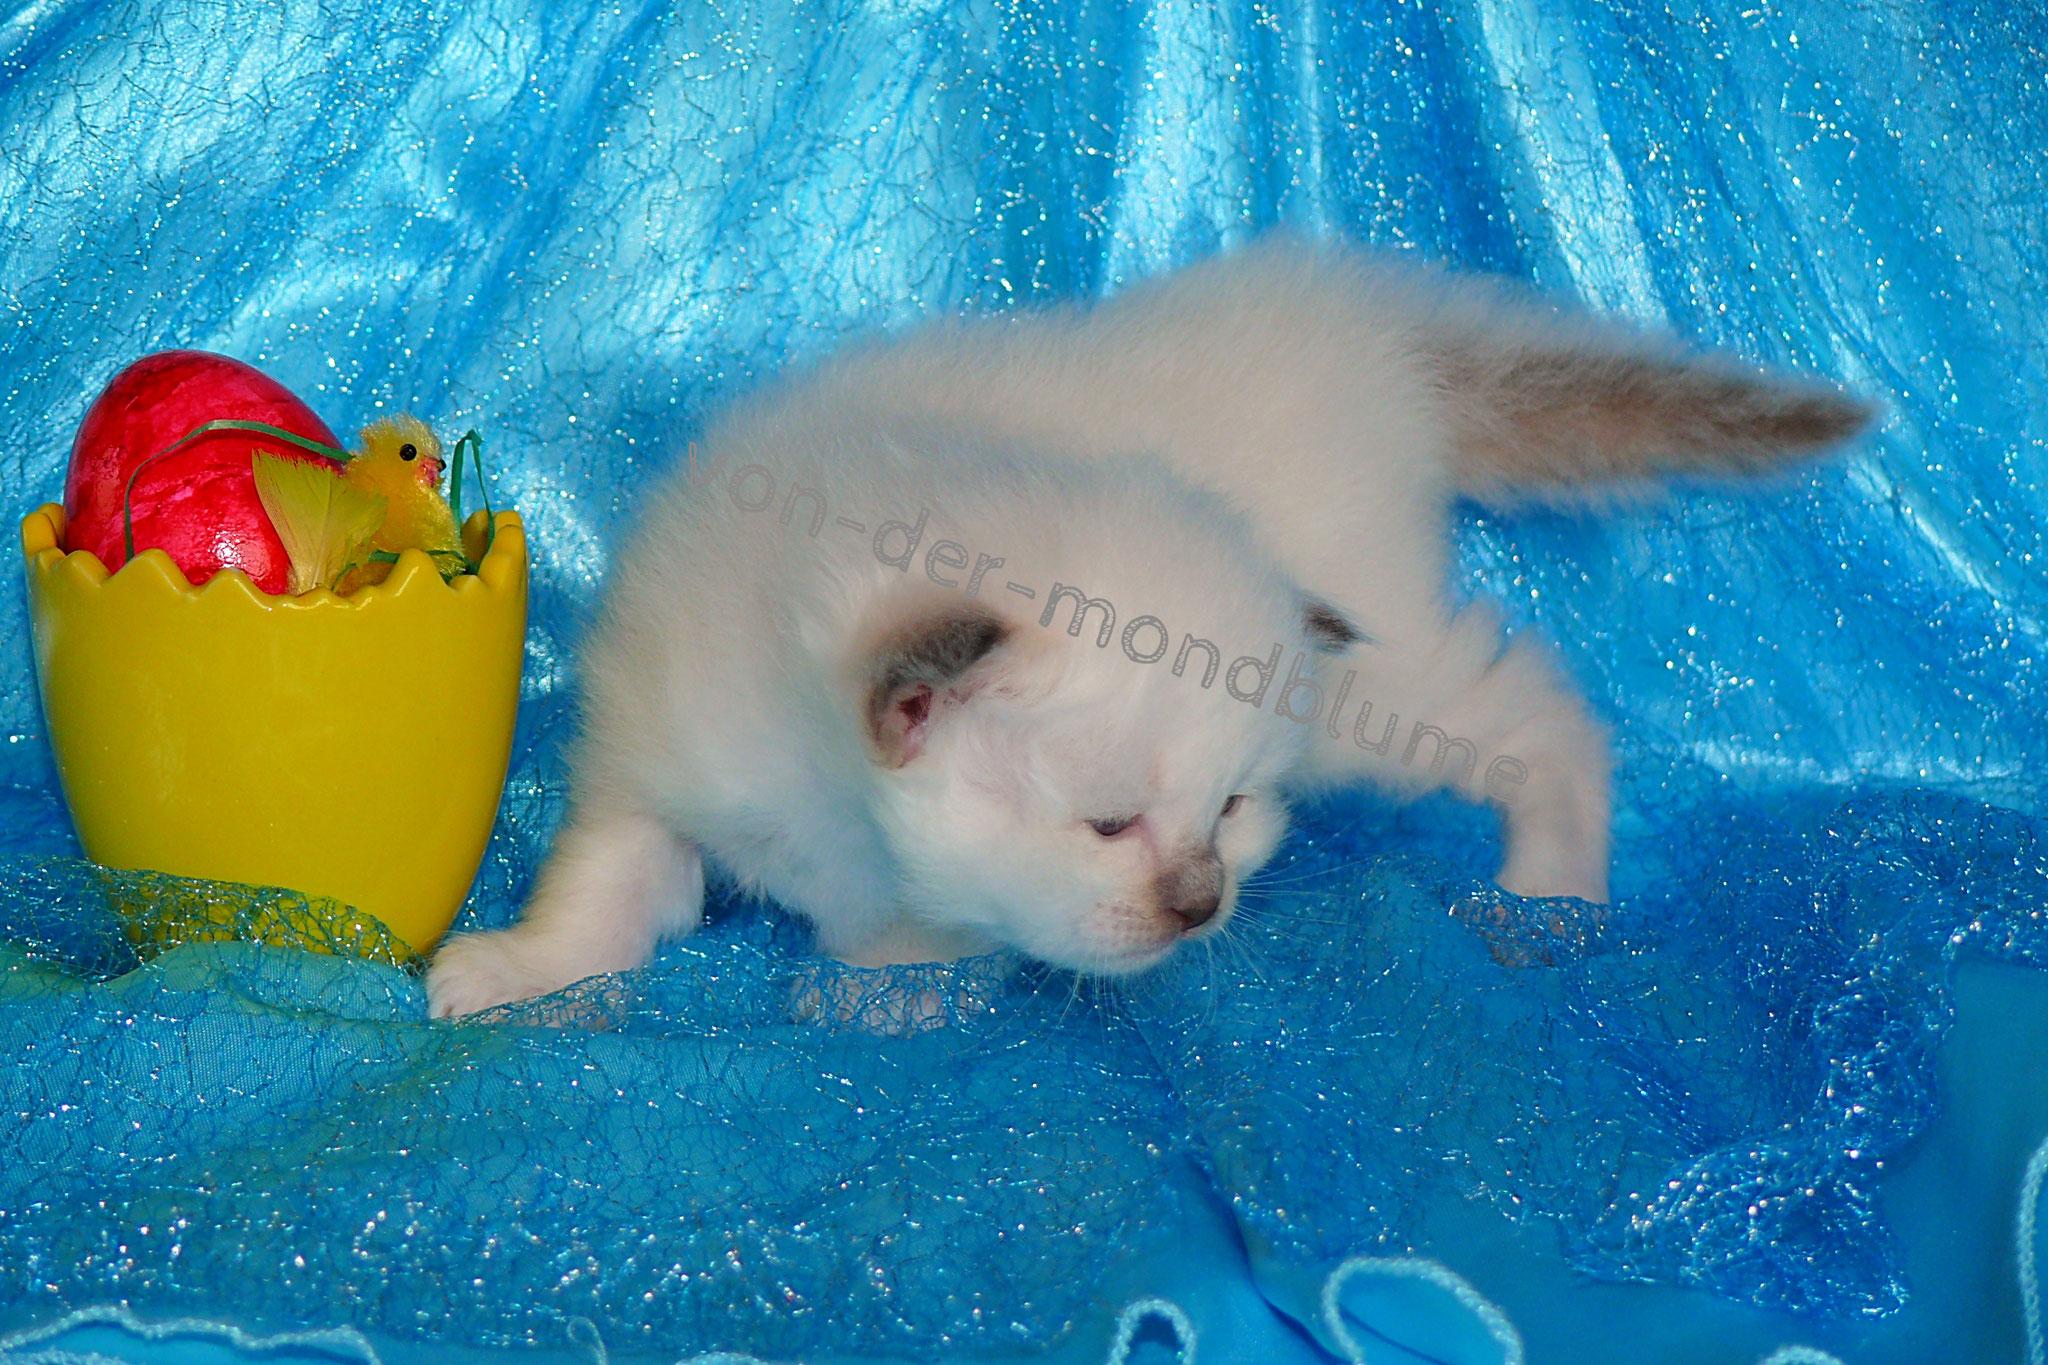 Chérie von der Mondblume, 3 Wochen alt